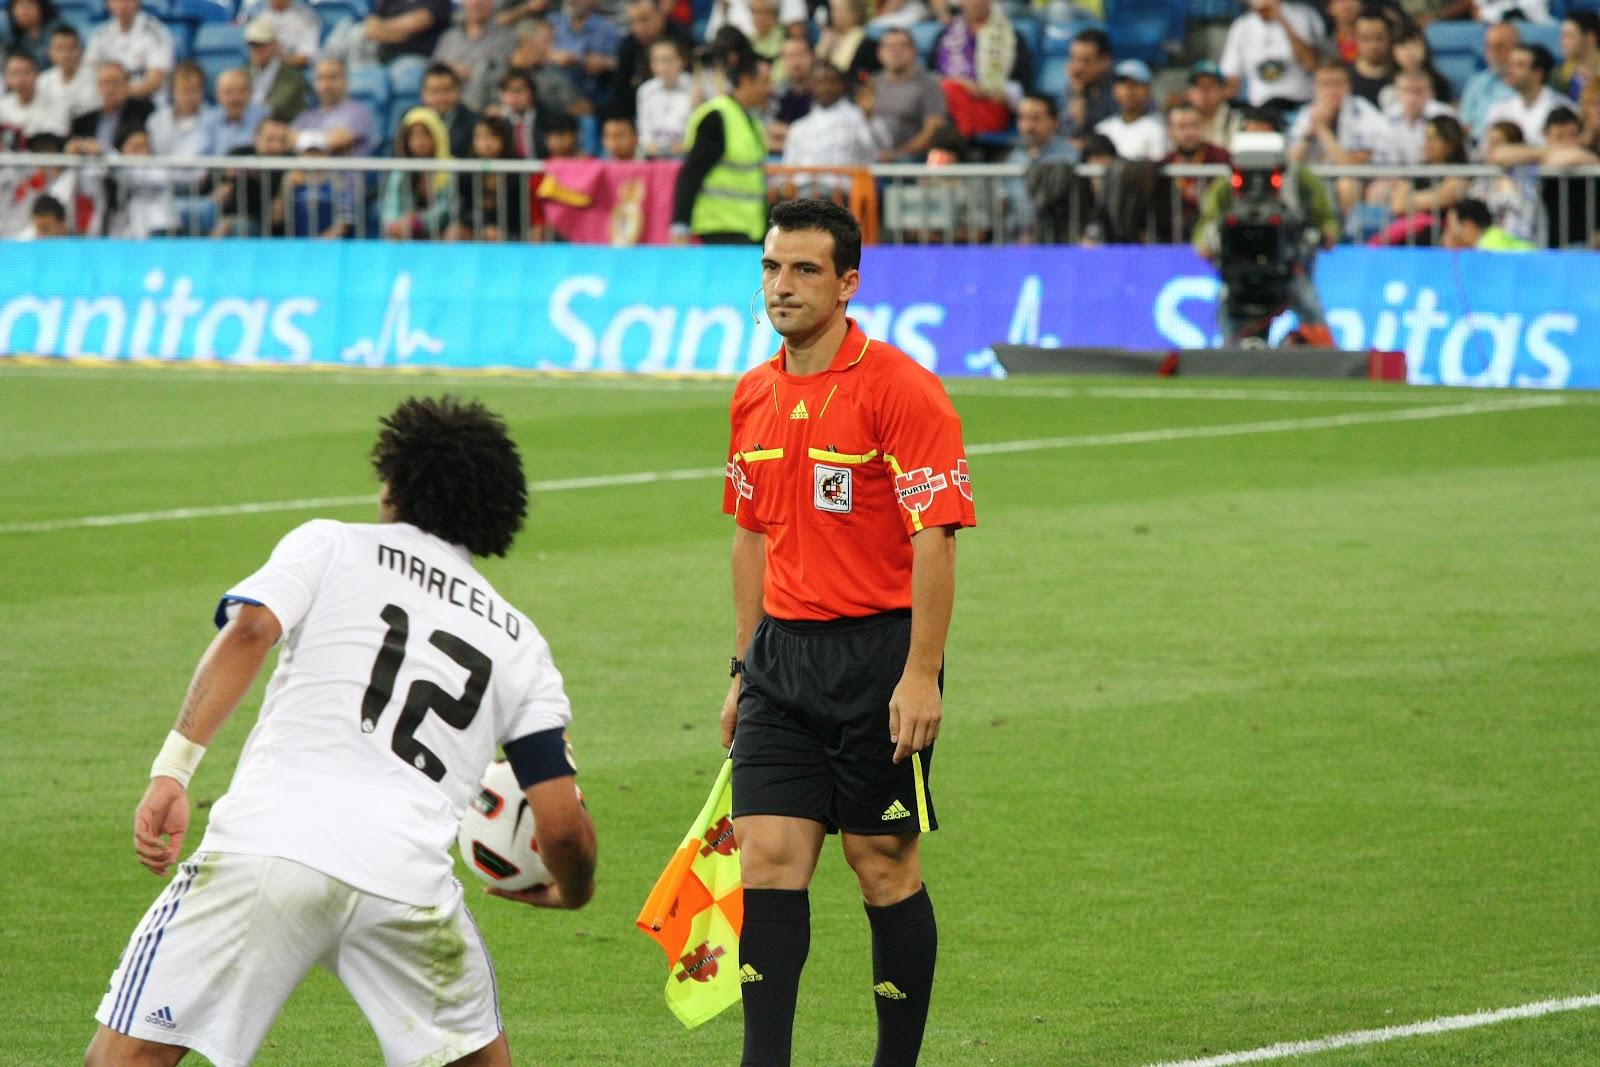 Mundo del arbitraje regla n 11 el fuera de juego for Regla de fuera de juego en futbol